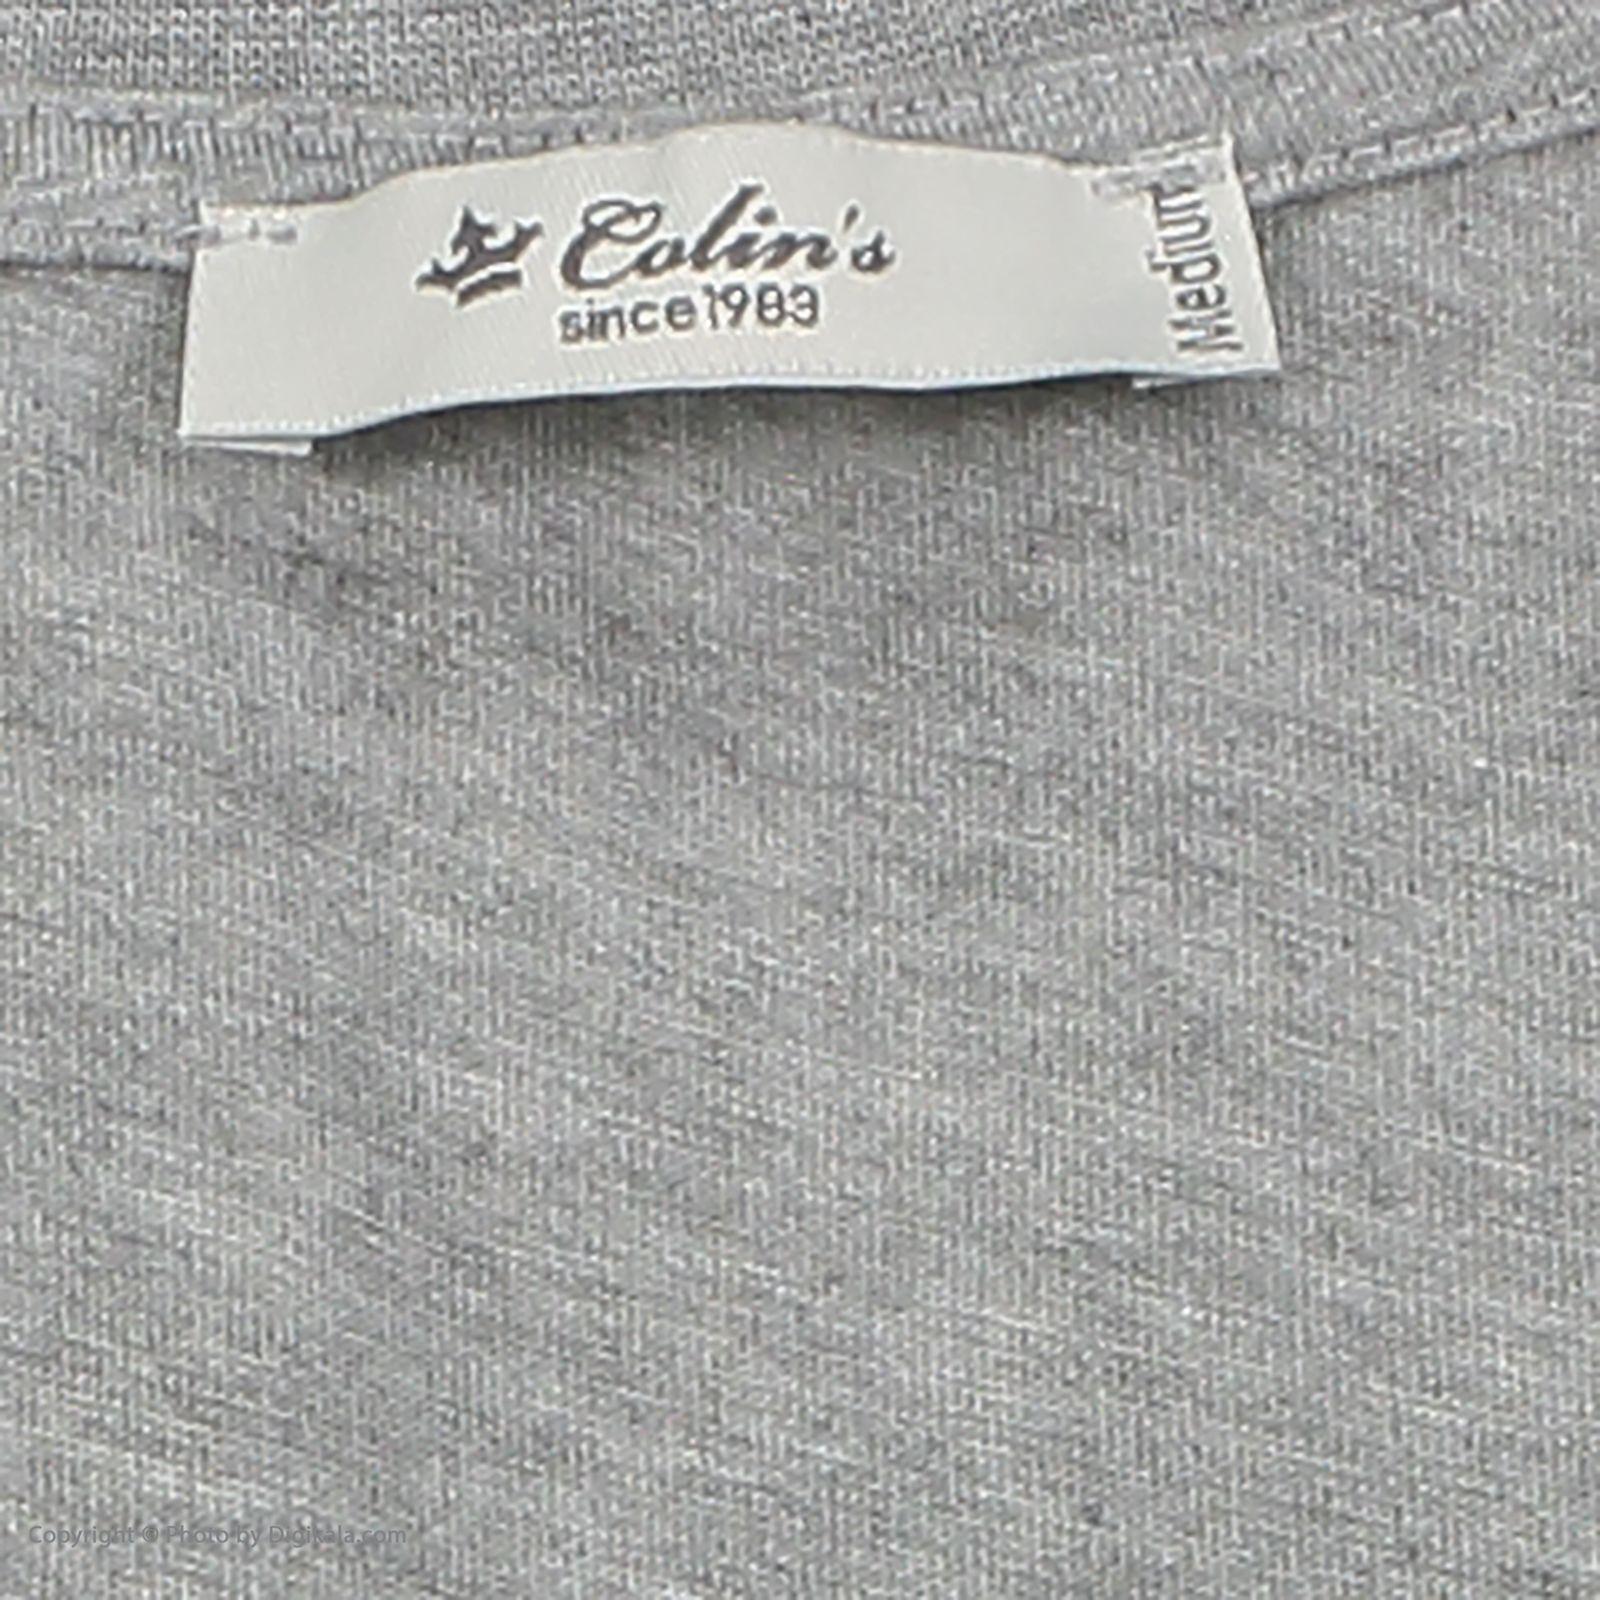 تی شرت زنانه کالینز مدل CL1031960-GREYMELANGE main 1 5